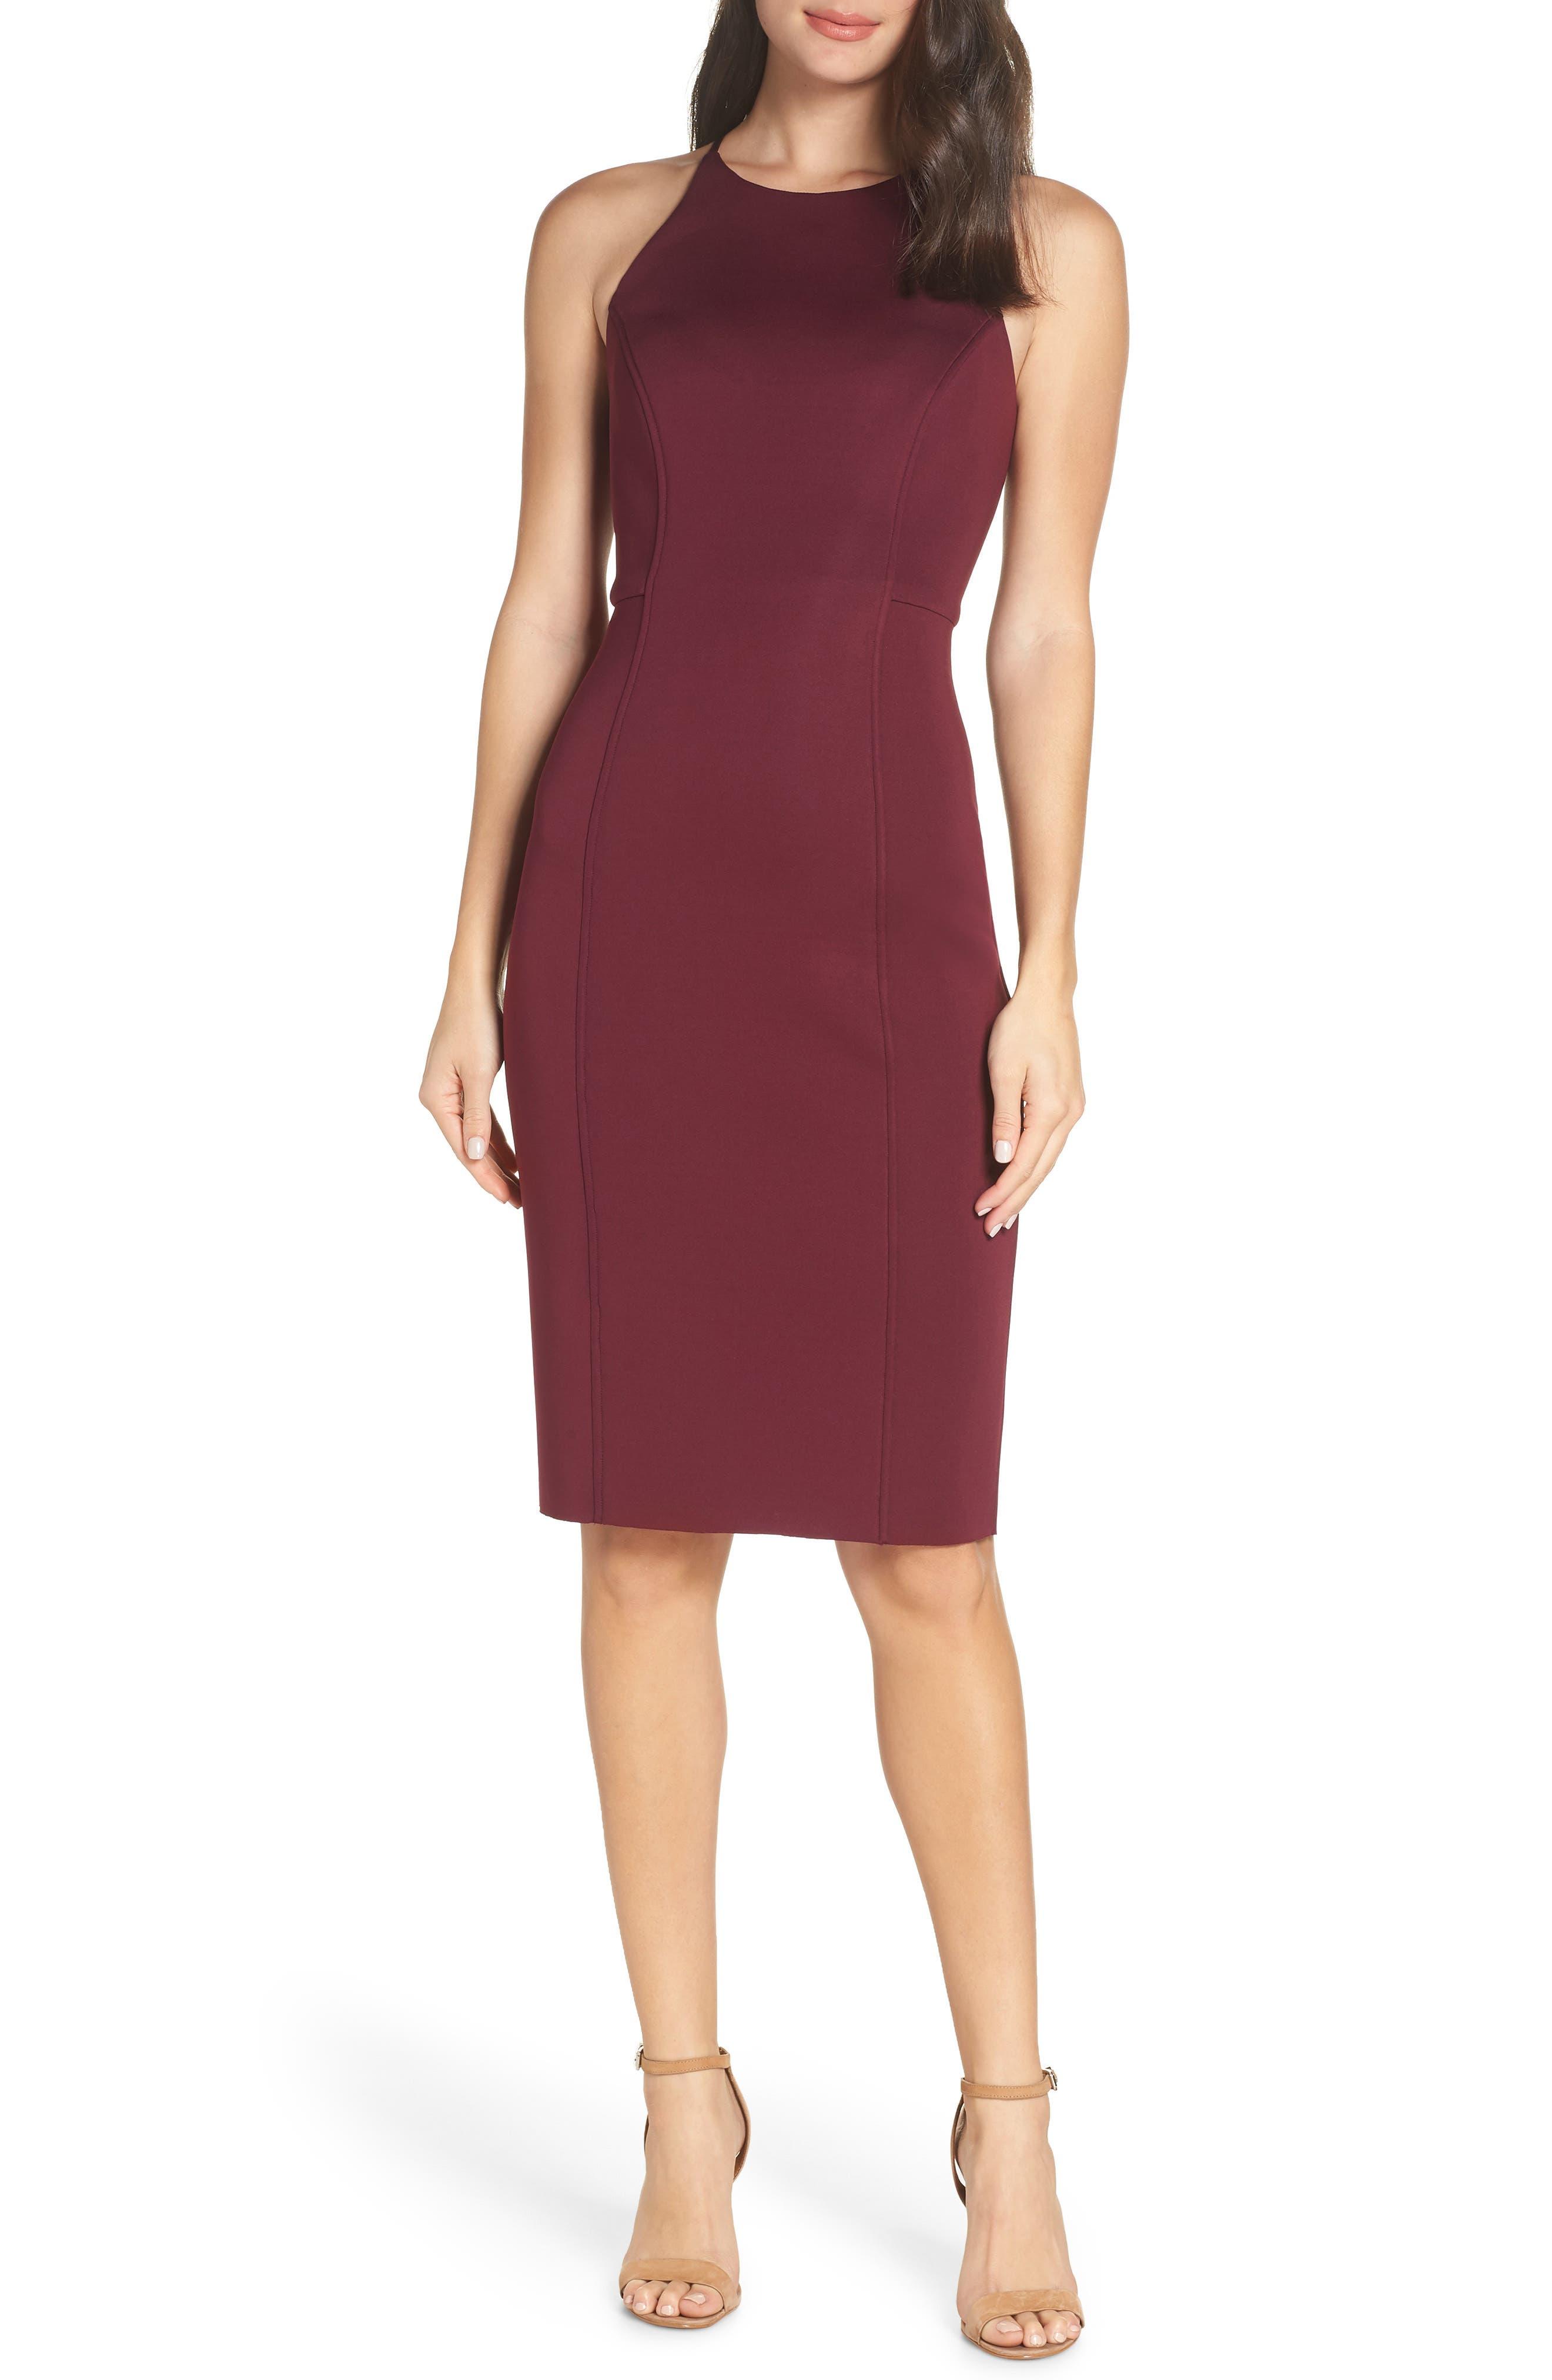 CHELSEA28, Scuba Sheath Dress, Main thumbnail 1, color, 930